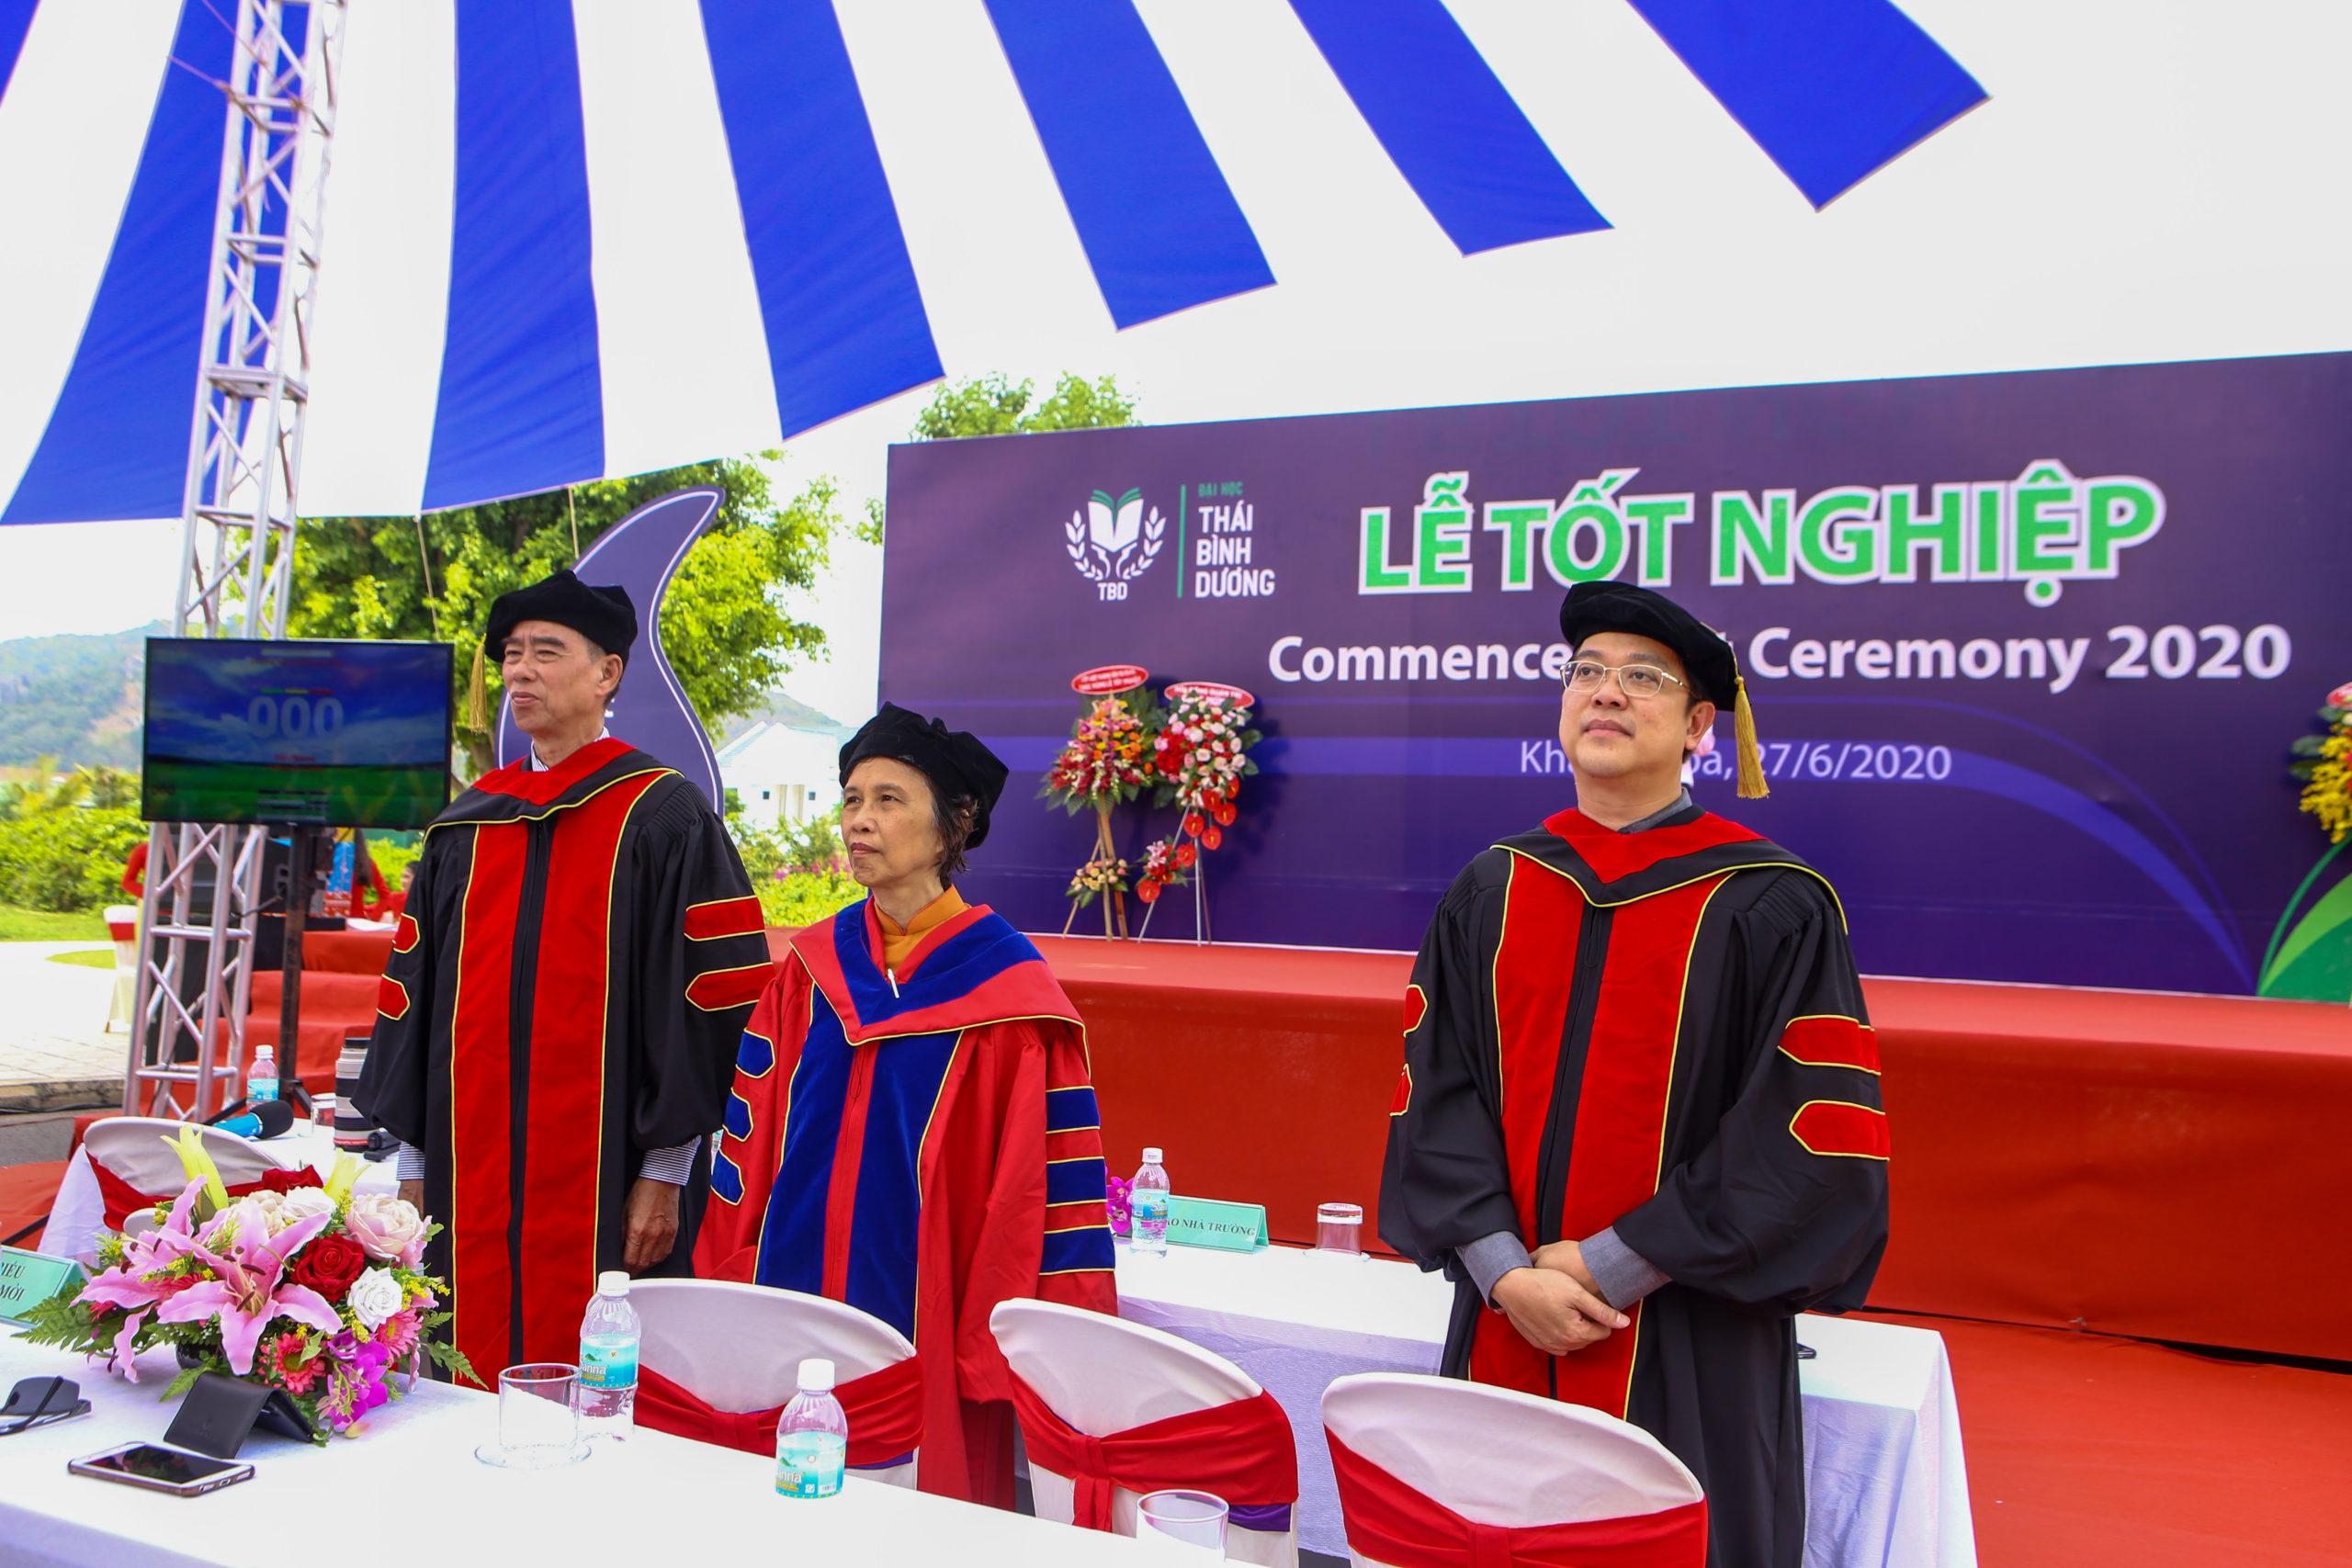 Ấn tượng Nghi thức Tri ân quý phụ huynh trong Lễ tốt nghiệp 2020